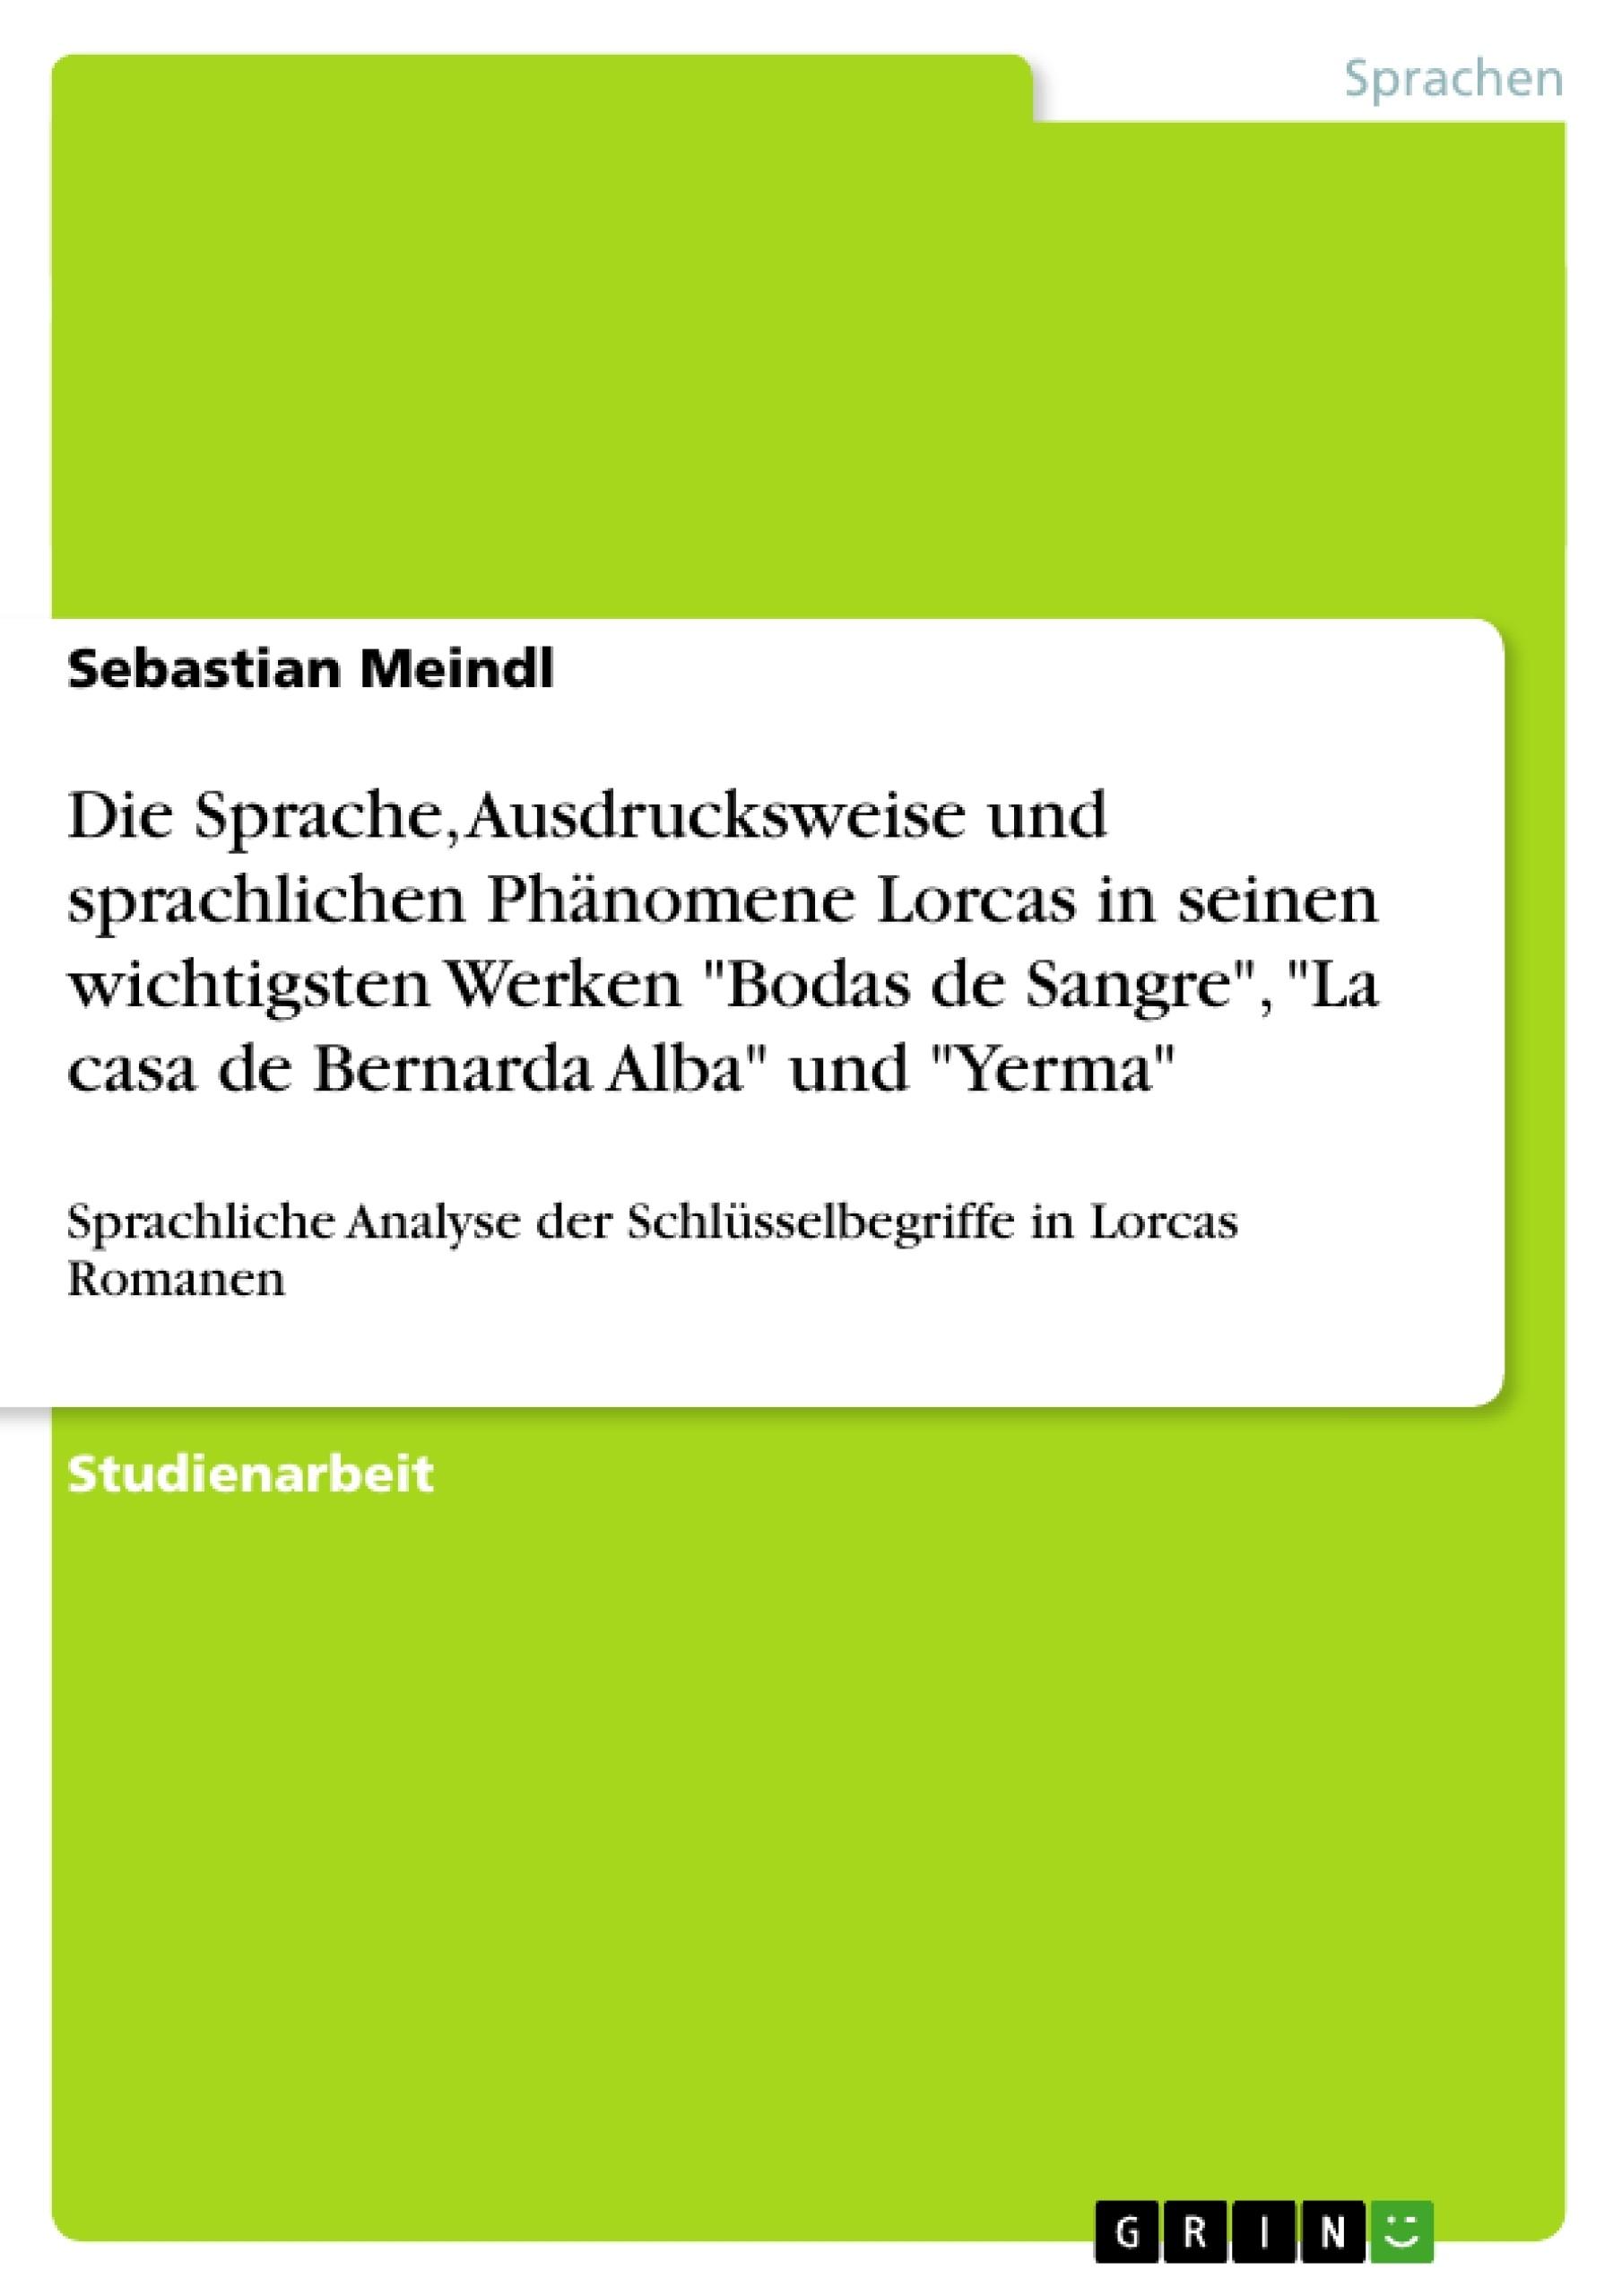 """Titel: Die Sprache, Ausdrucksweise und sprachlichen Phänomene Lorcas in seinen wichtigsten Werken """"Bodas de Sangre"""", """"La casa de Bernarda Alba"""" und """"Yerma"""""""